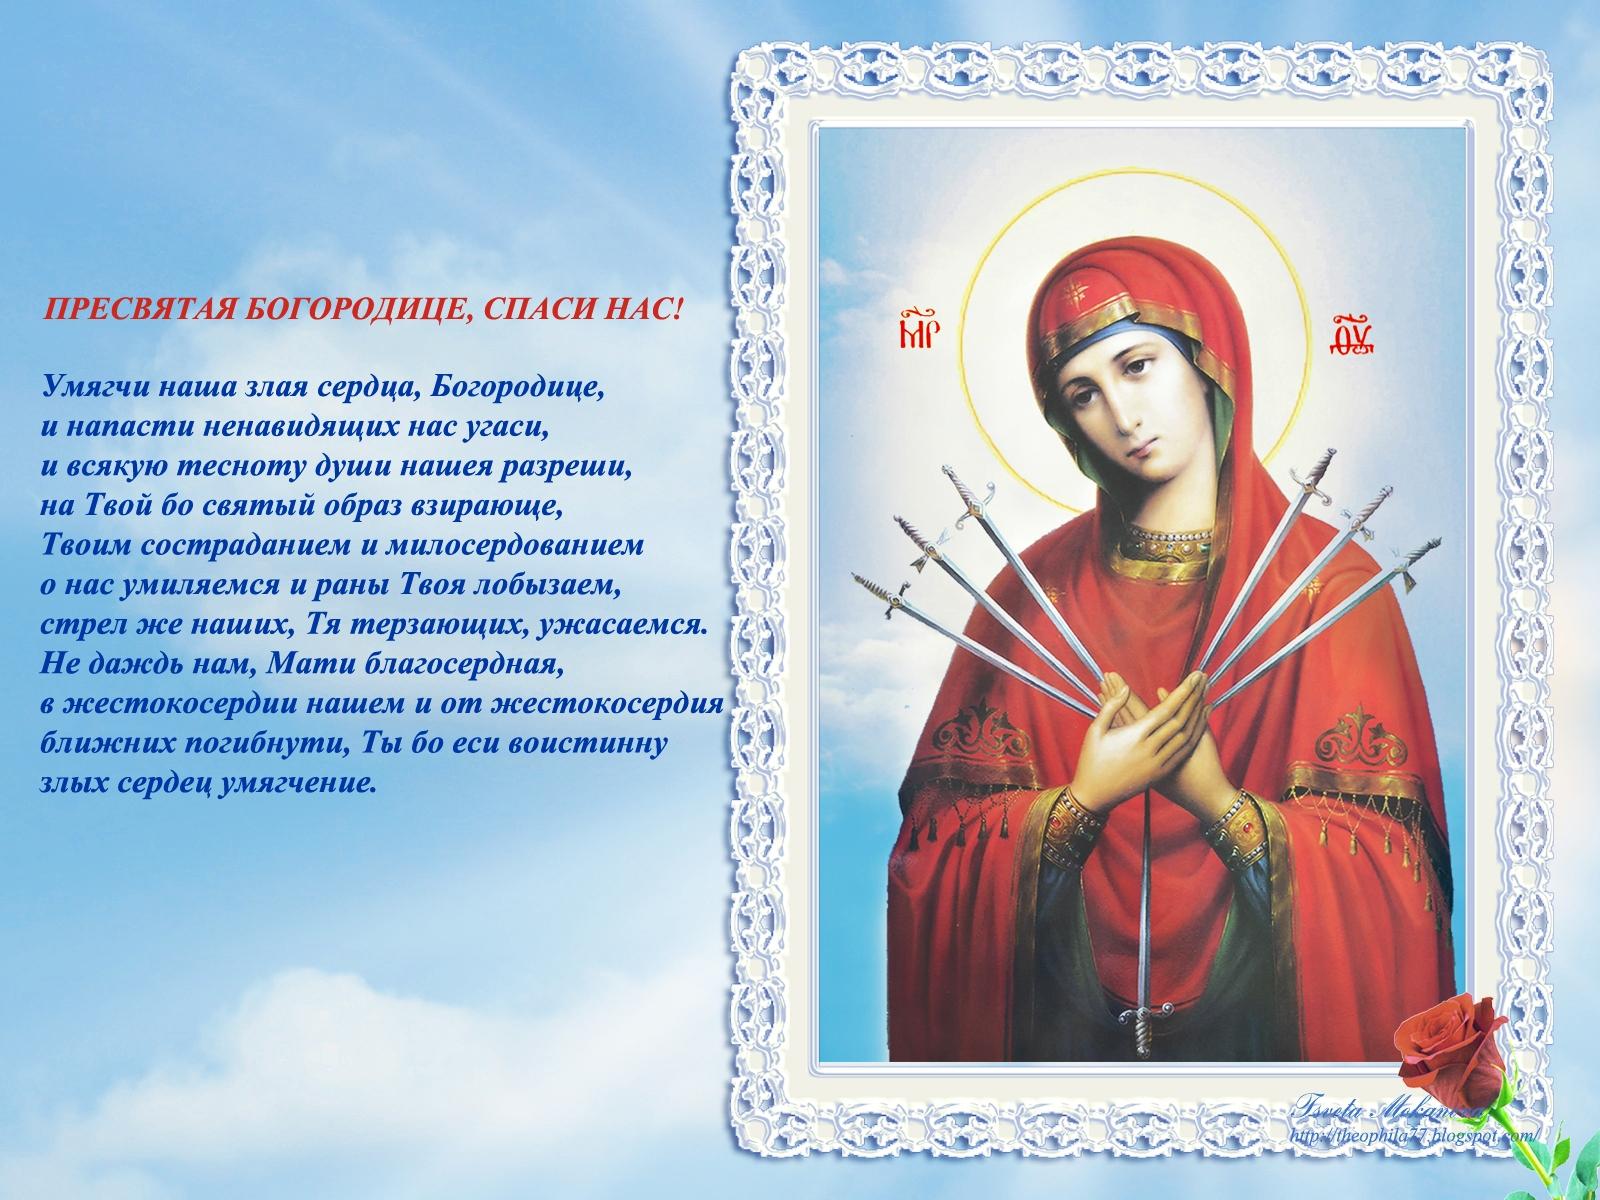 Поздравительные открытки с праздником иконы божьей матери семистрельной